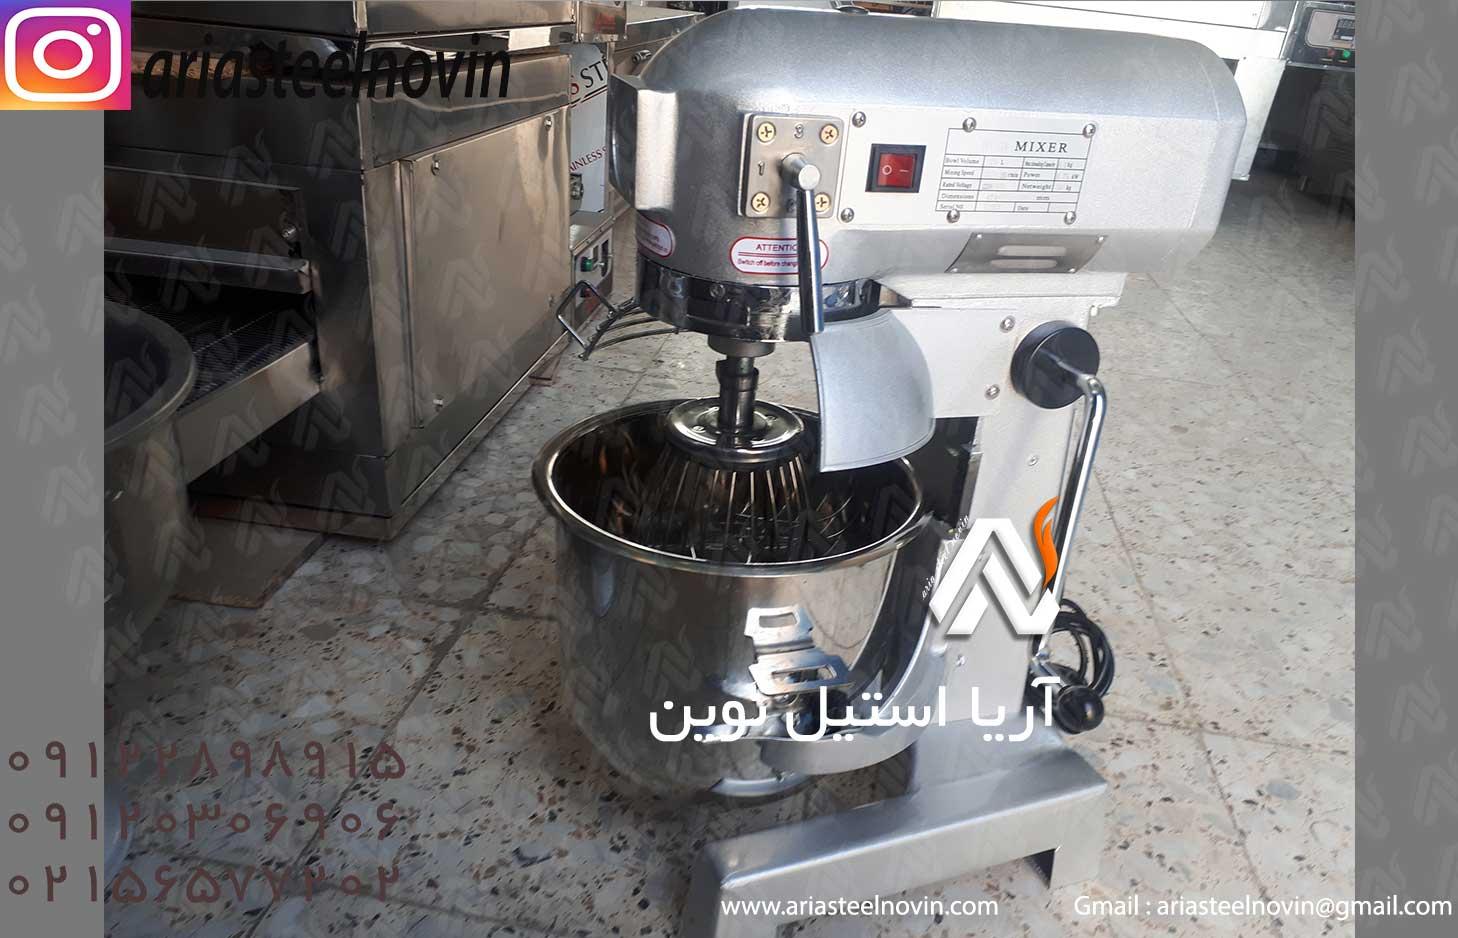 قیمت-دستگاه-میکسر-قنادی-15-لیتری